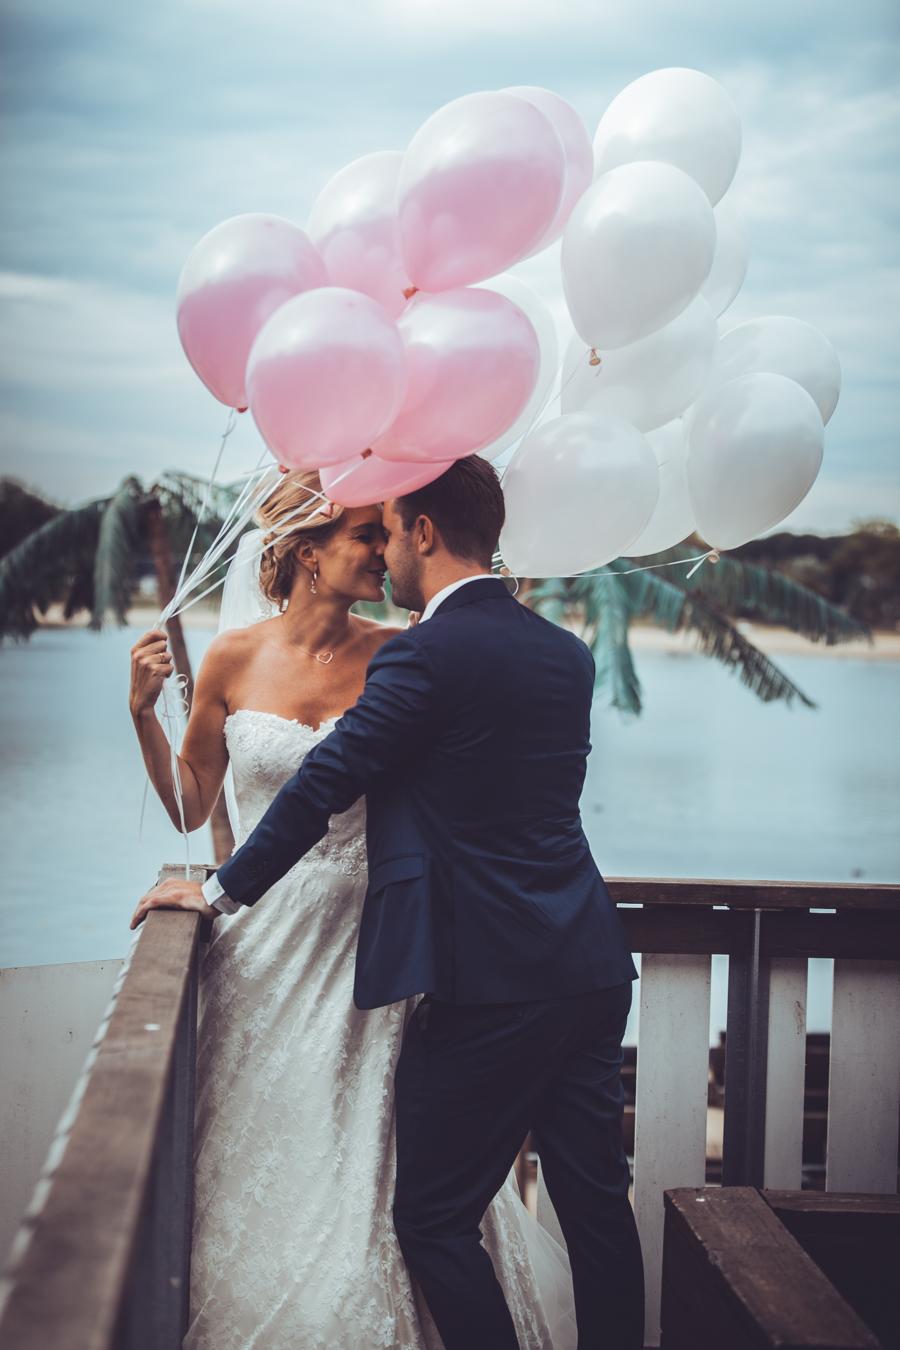 trouwen ballonnen eindhoven